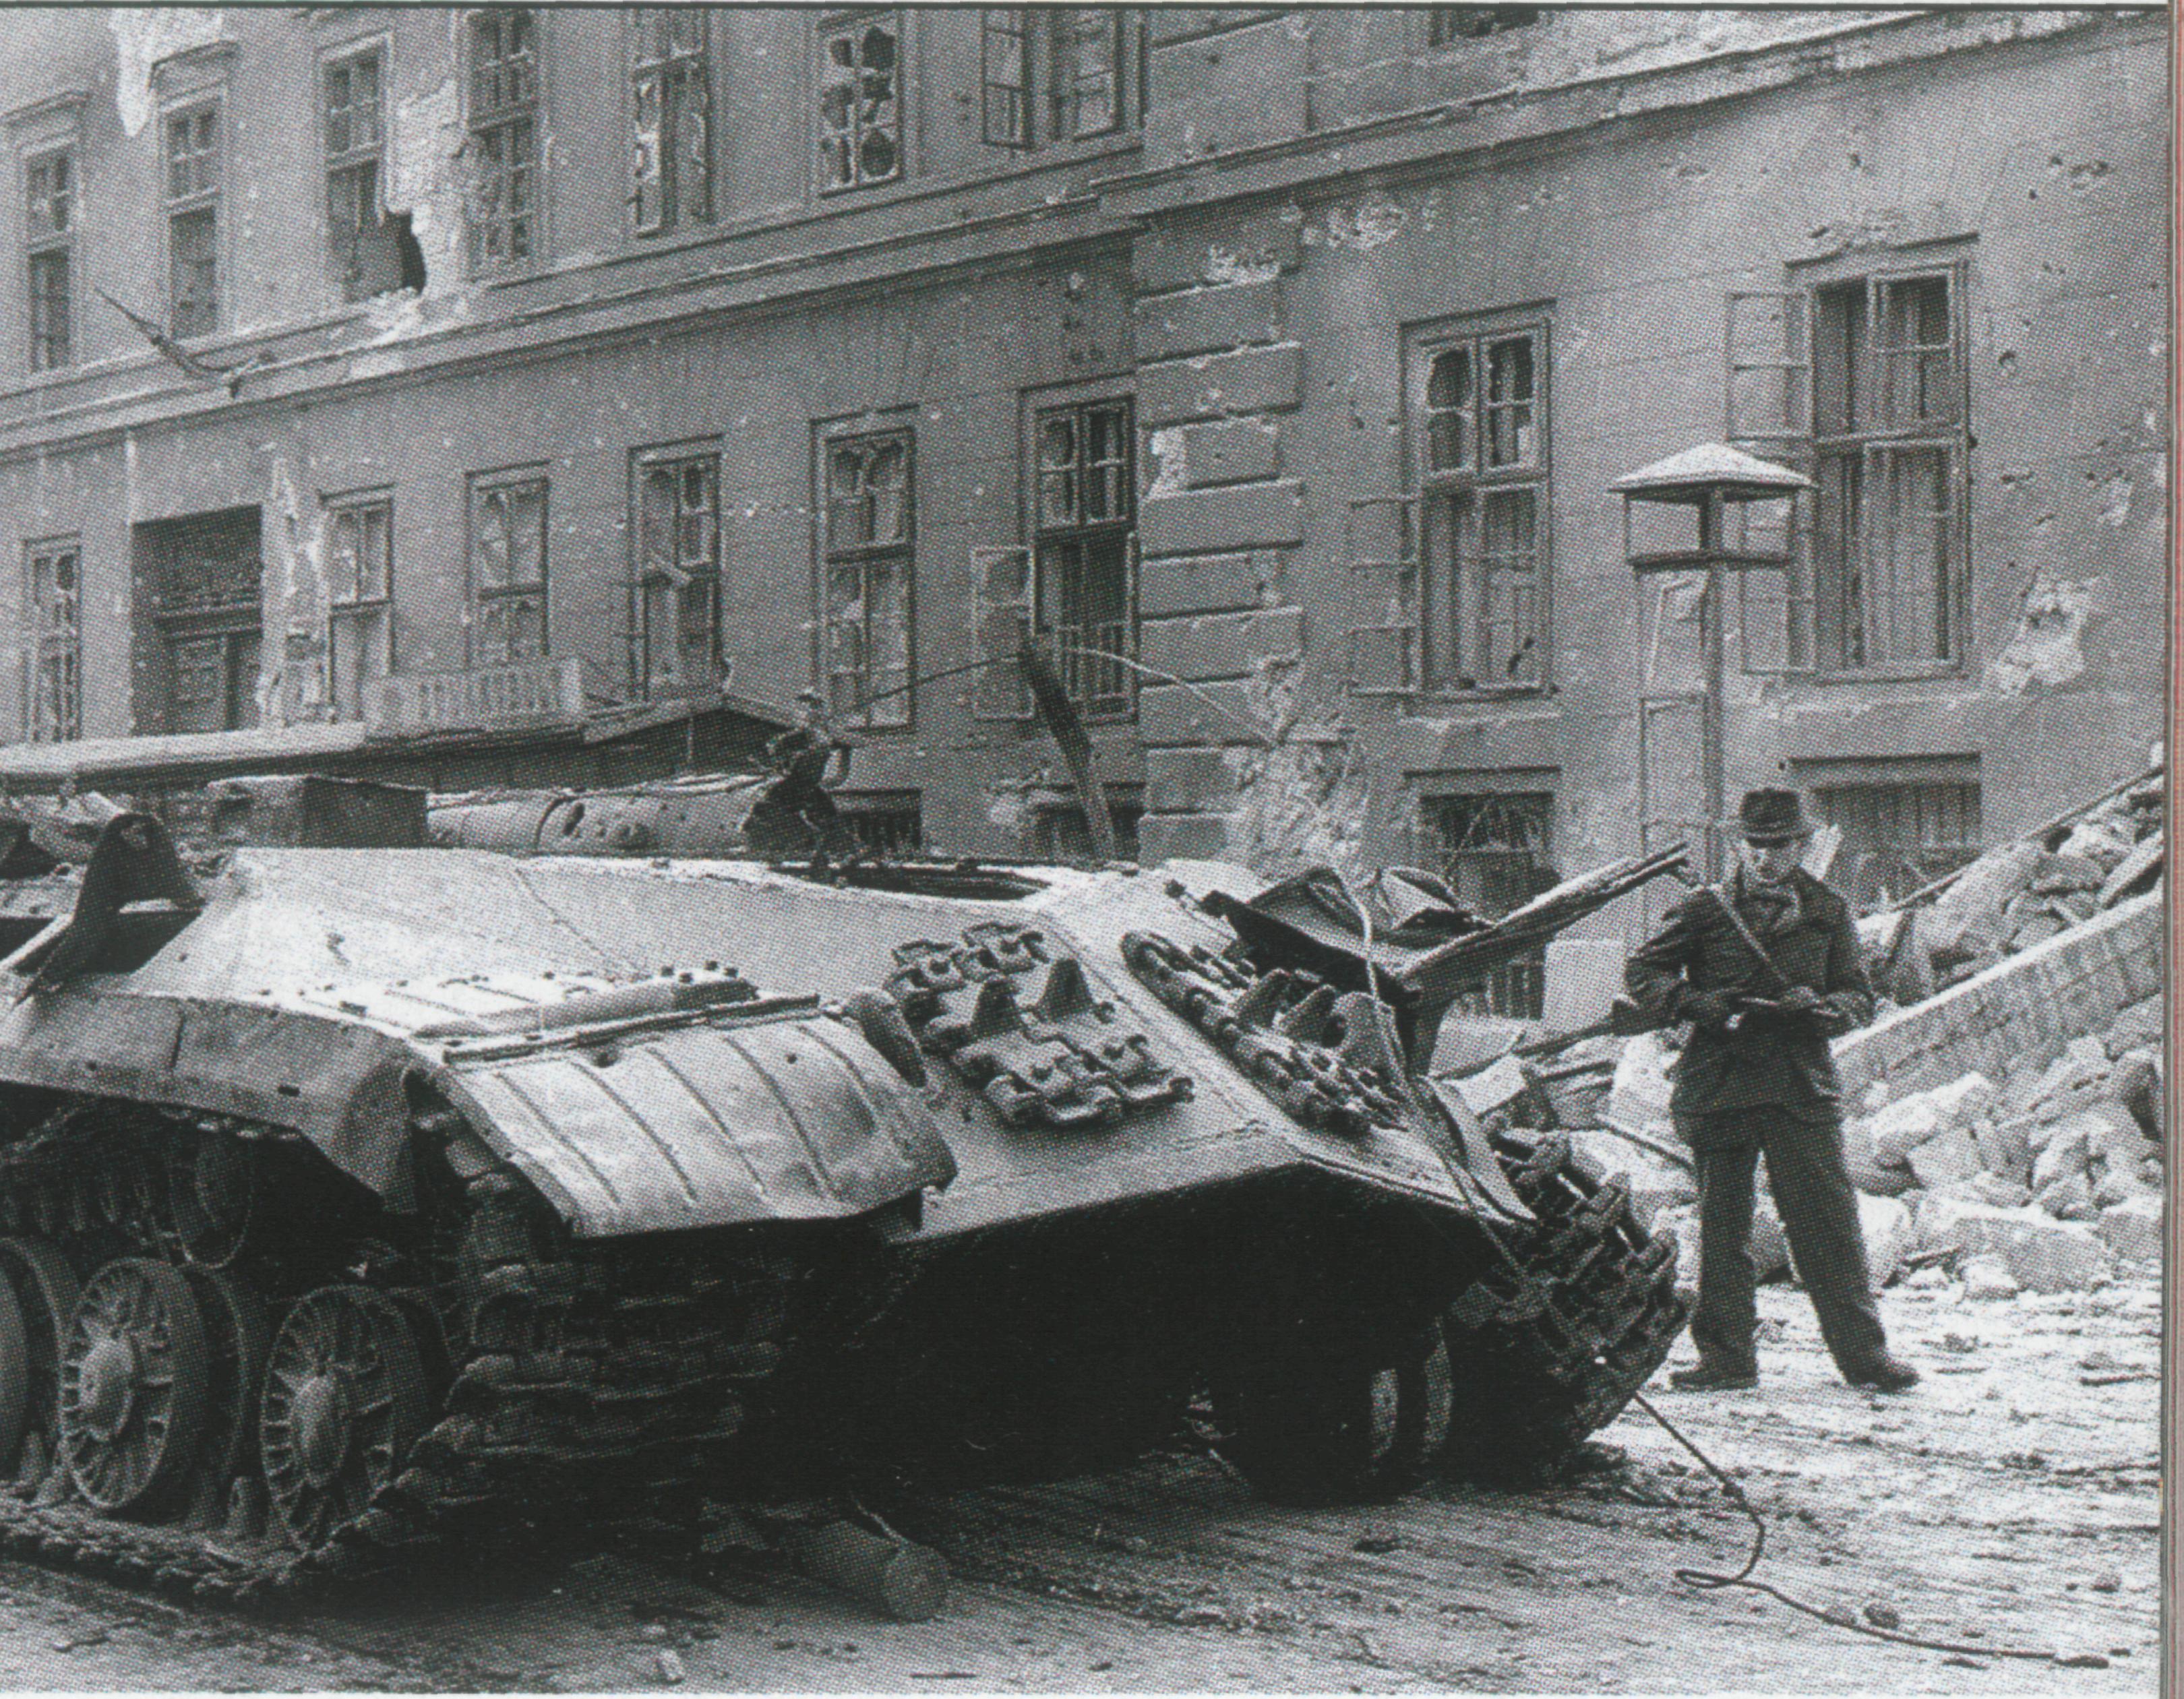 Історія дня: як угорці вперше постали проти Радянського союзу - фото 6